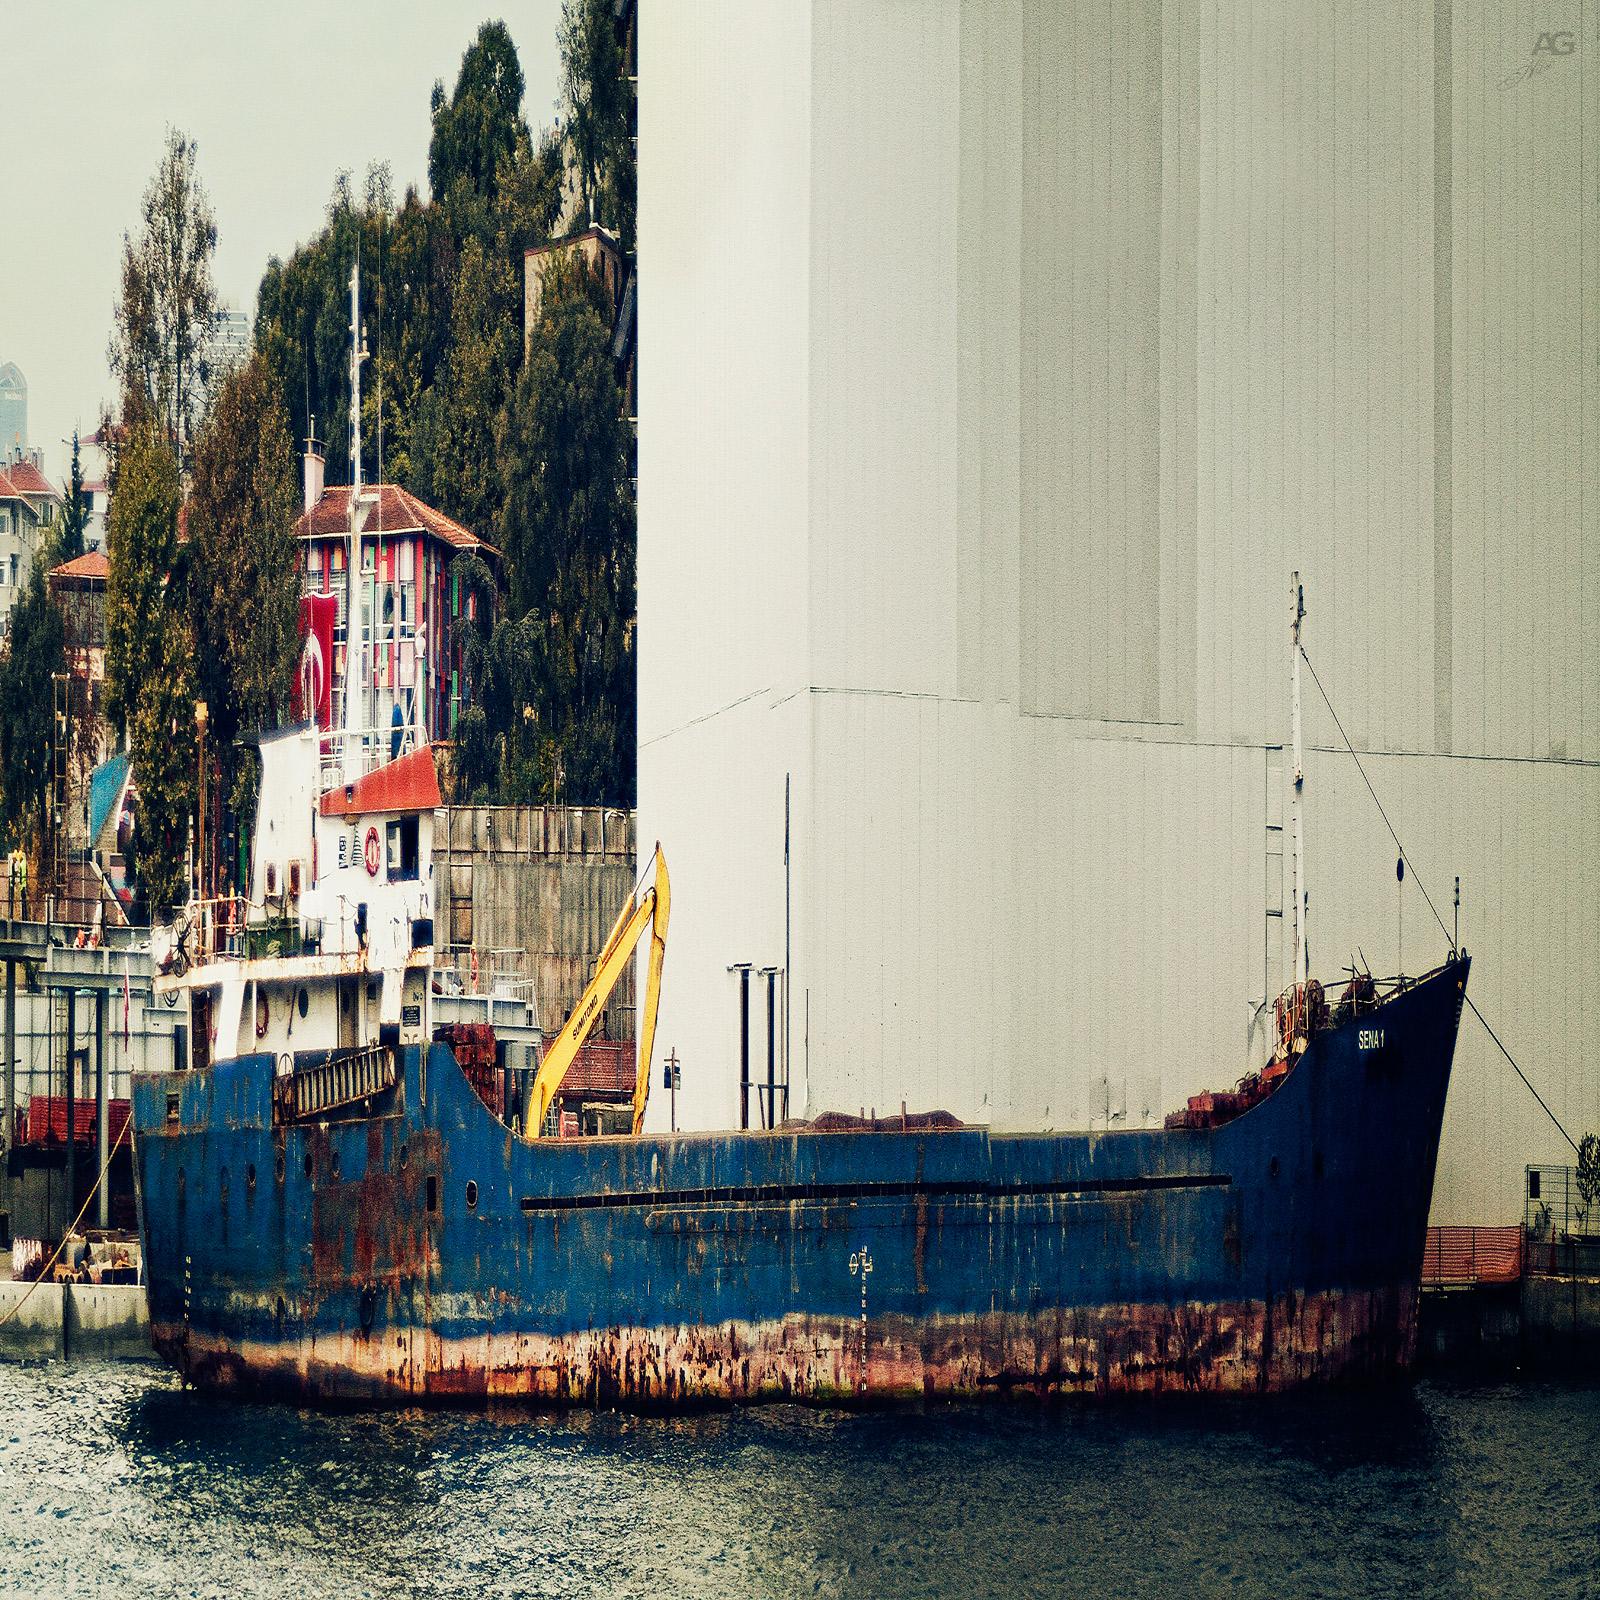 Istanbul_OldCommercialShipUnderGoldenGateBridge_squished_1600